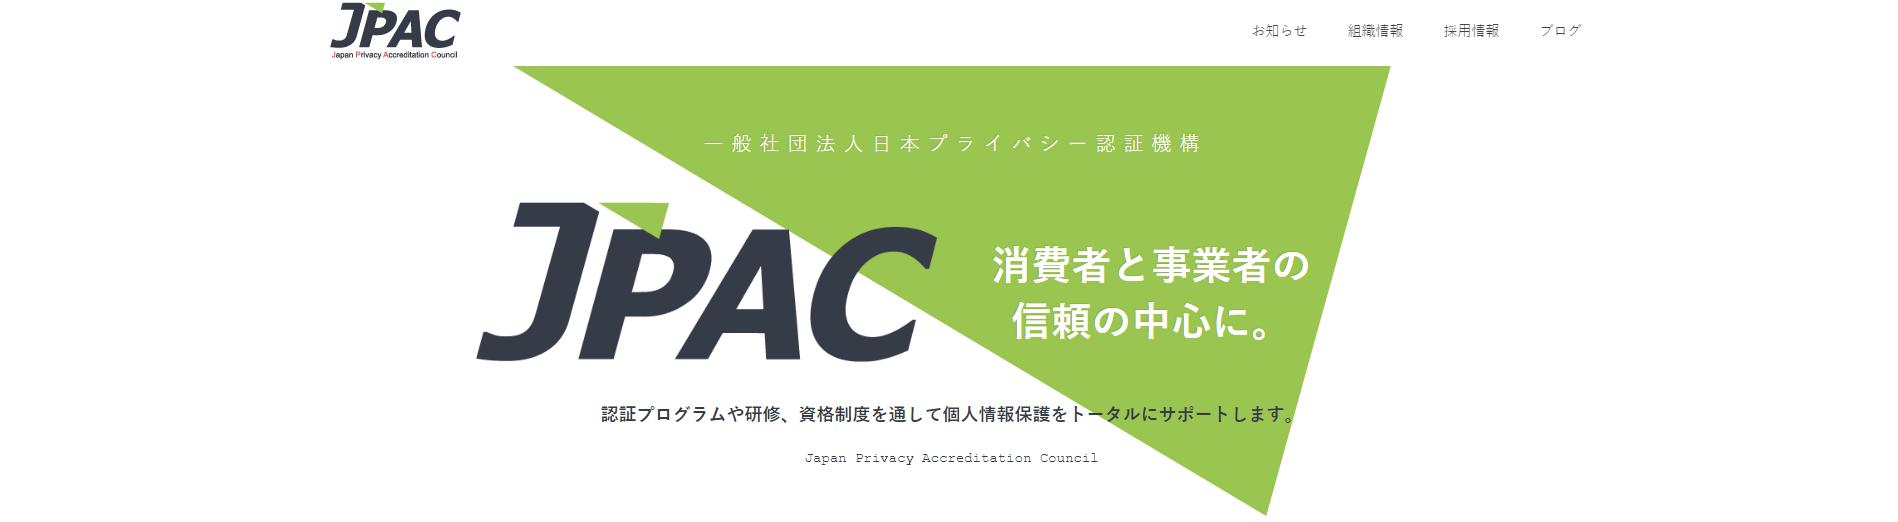 マッチングアプリ 一般社団法人日本プライバシー認証機構認定のマッチングアプリはこれ